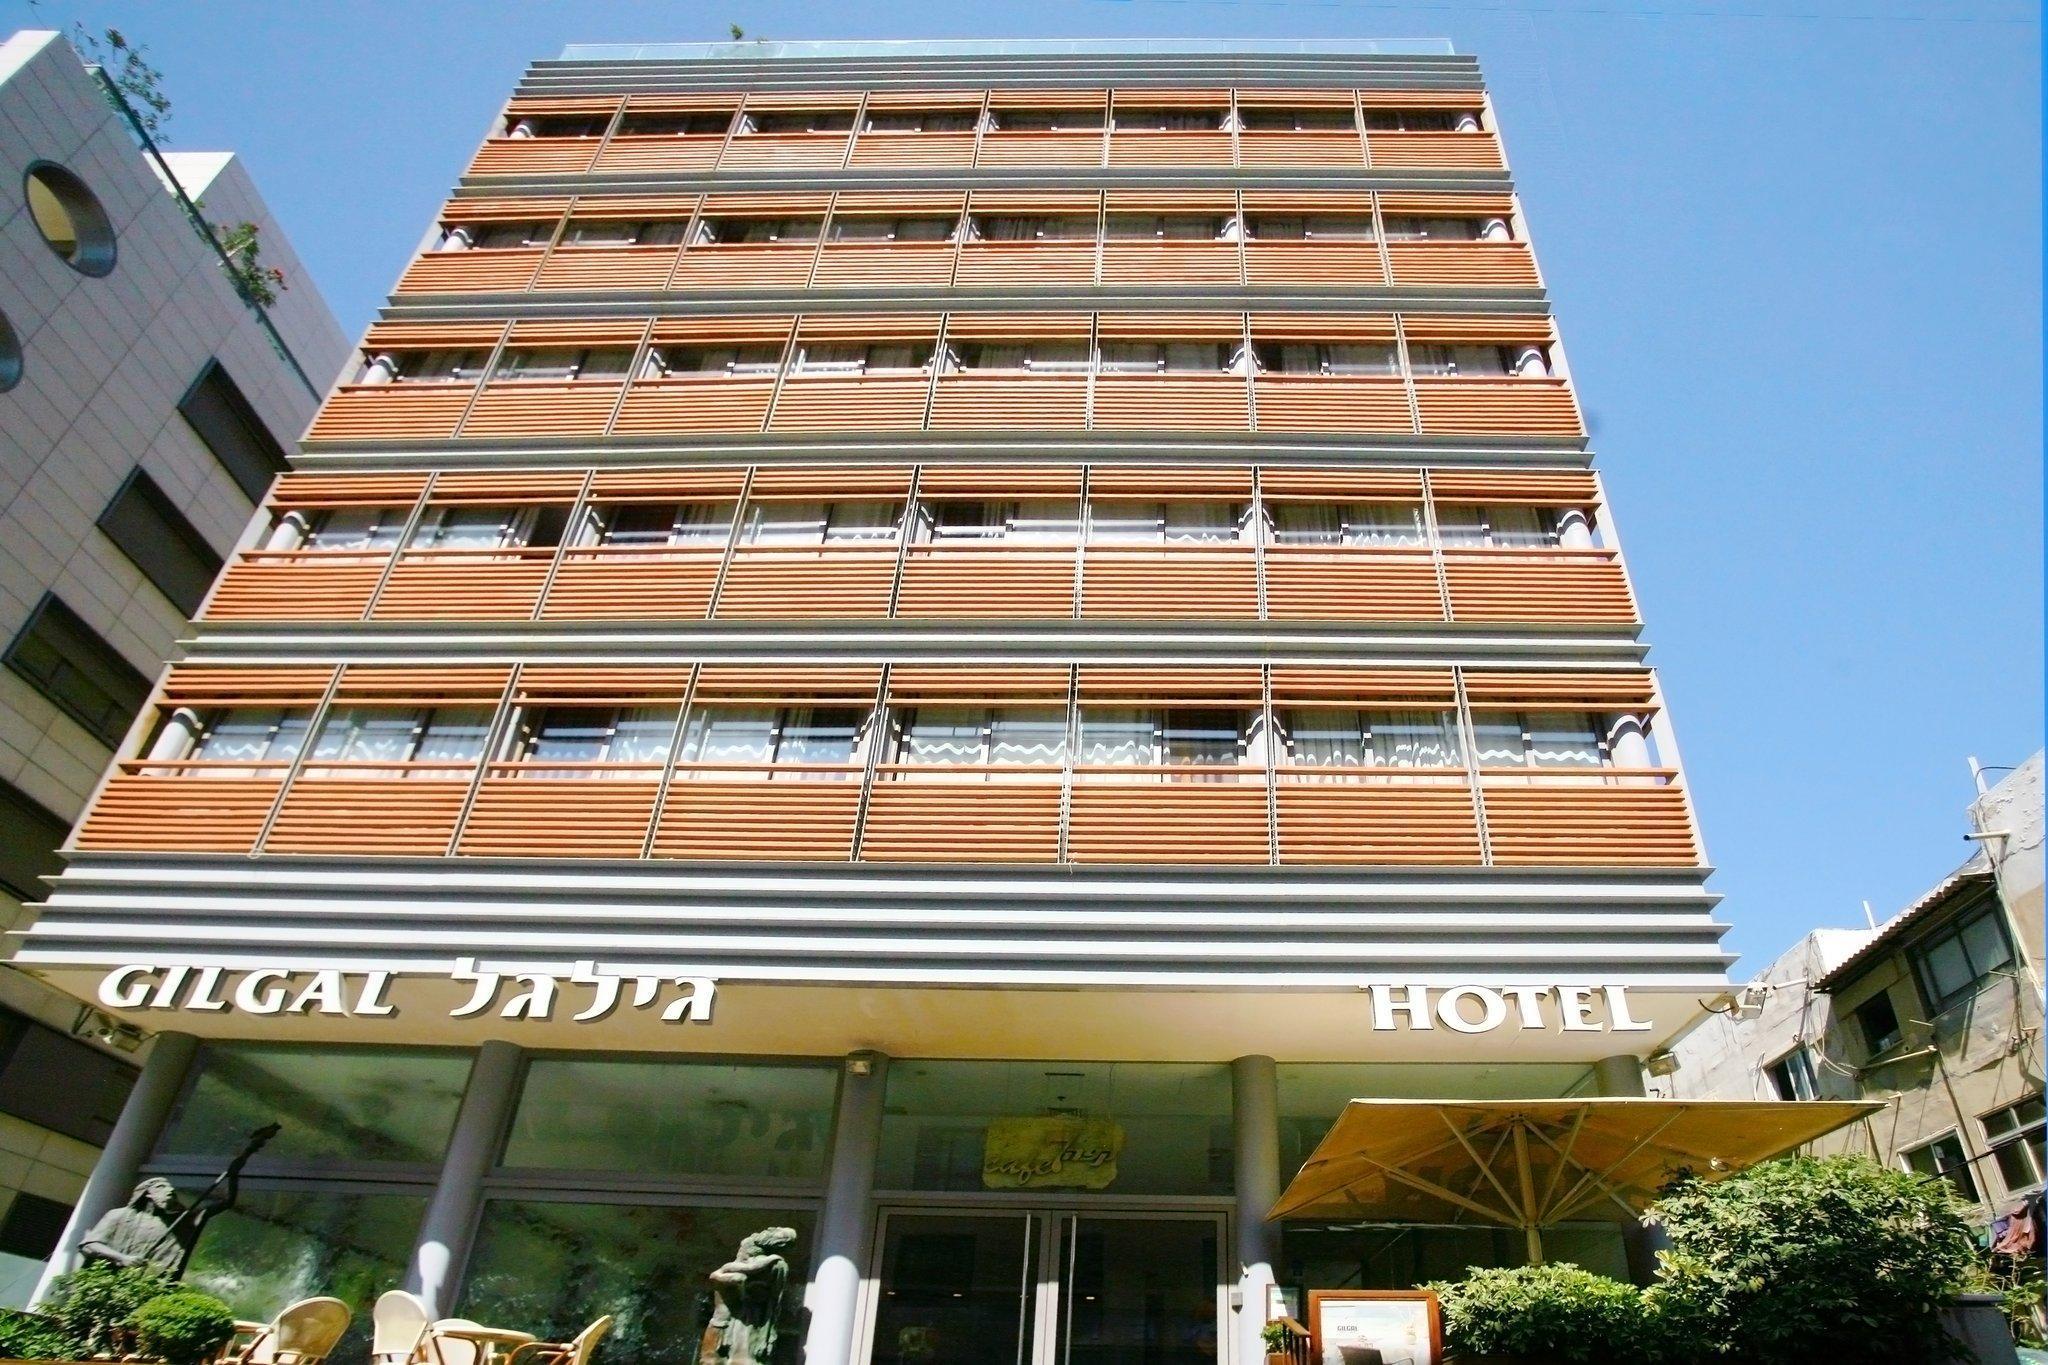 Hotel Gilgal